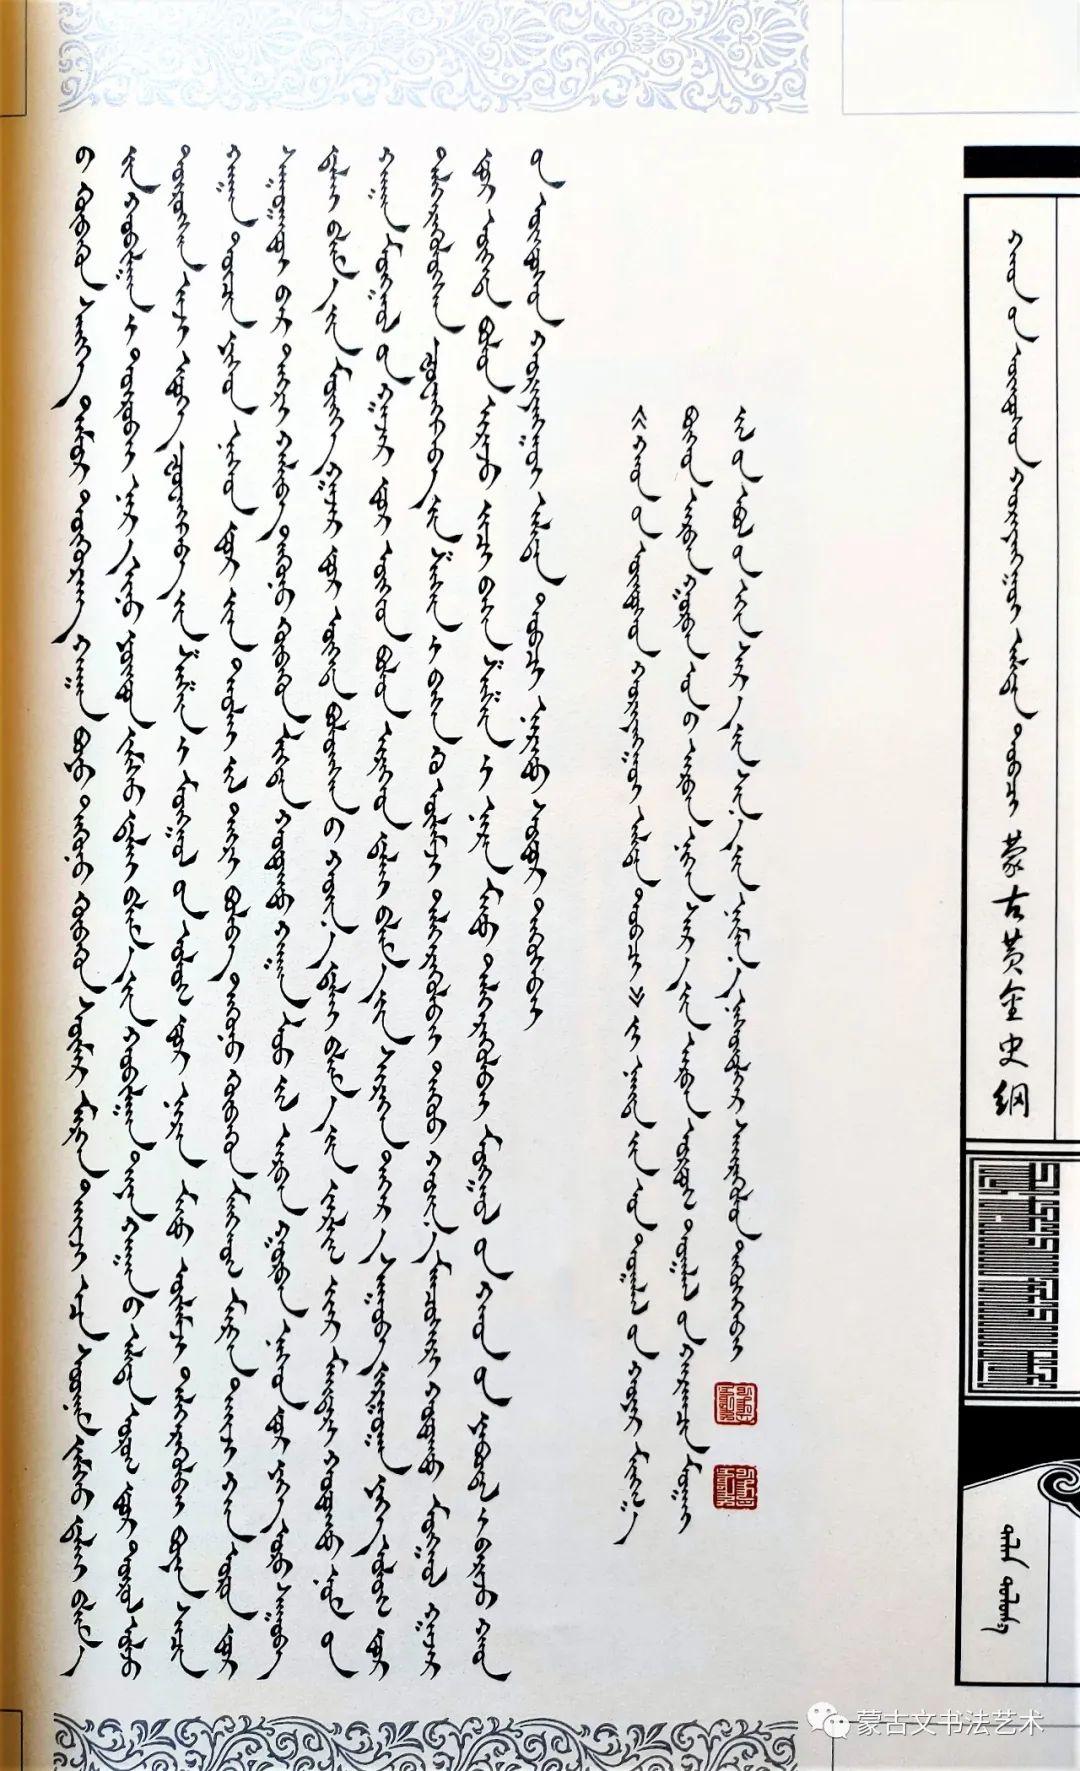 蒙古文经典文献当代书法名家手抄本之那顺德力格尔《蒙古黄金史纲》 第14张